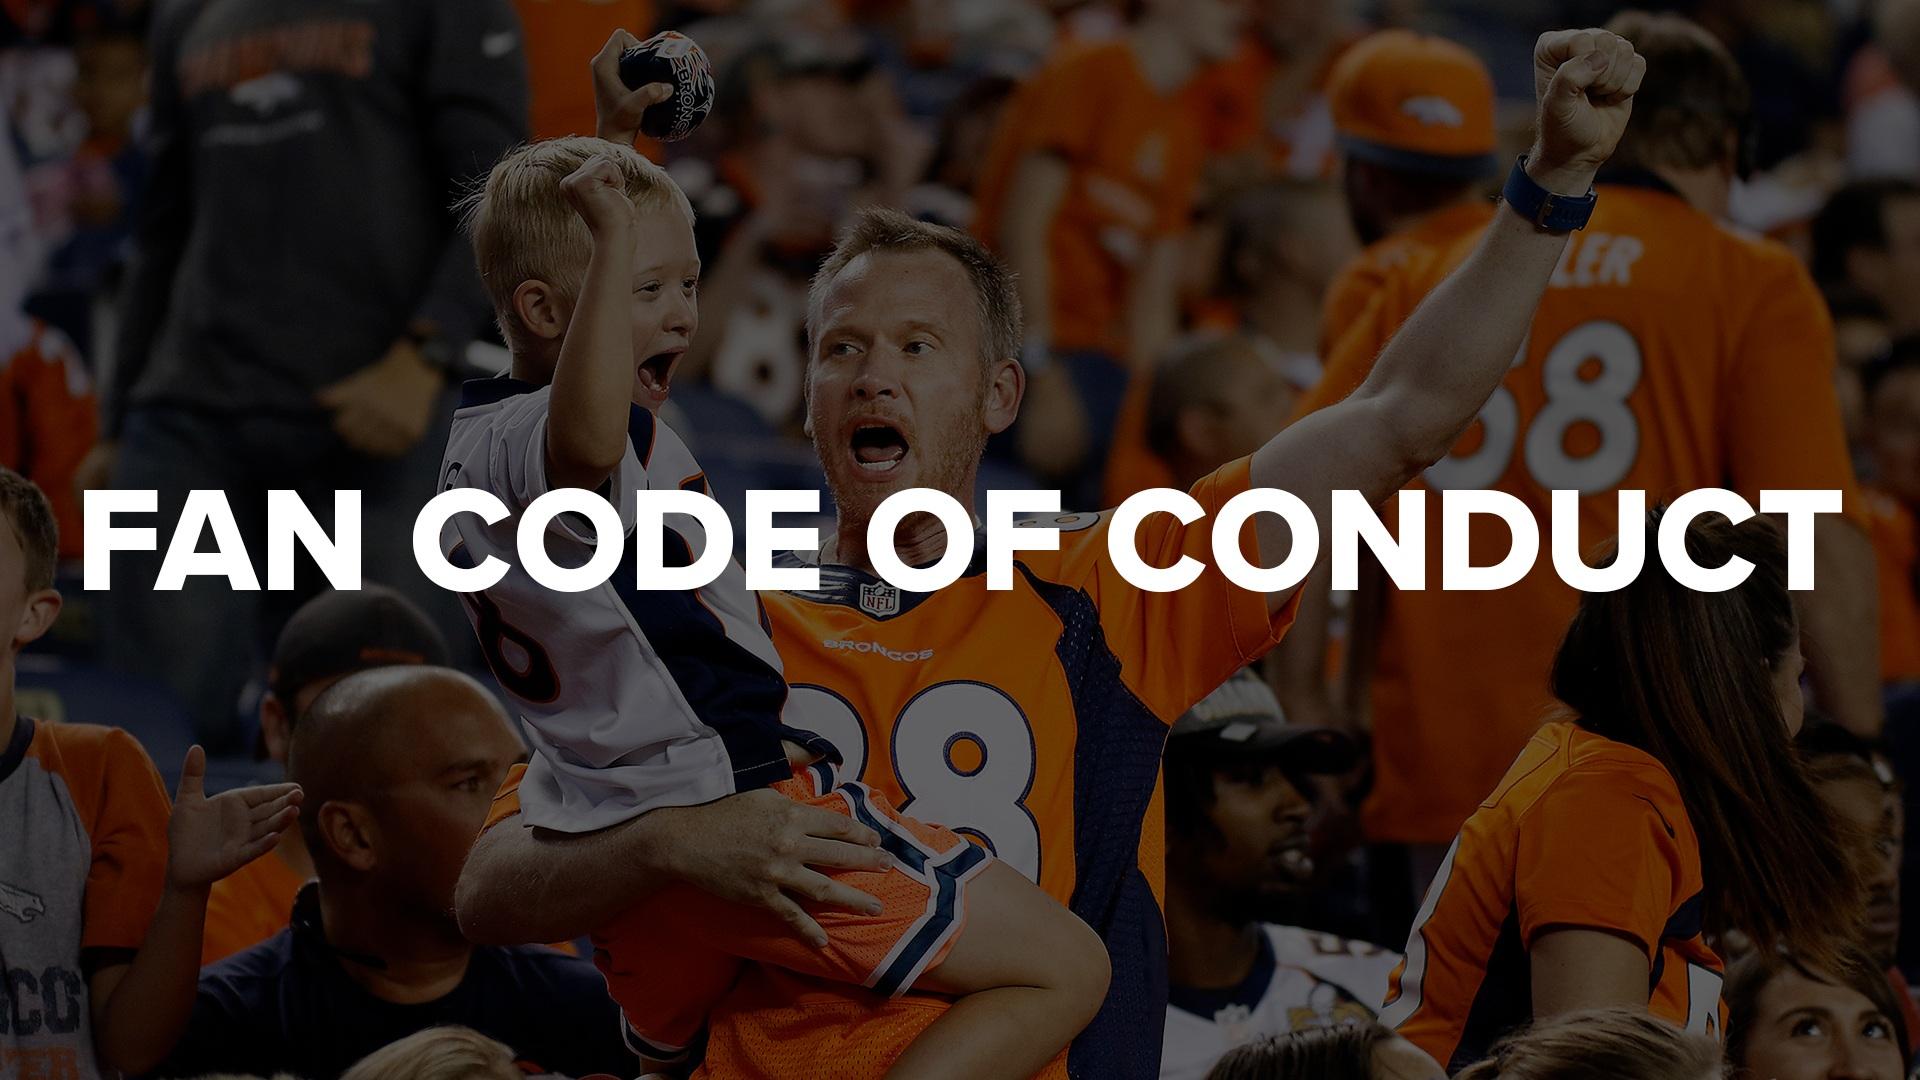 Fan Code of Conduct